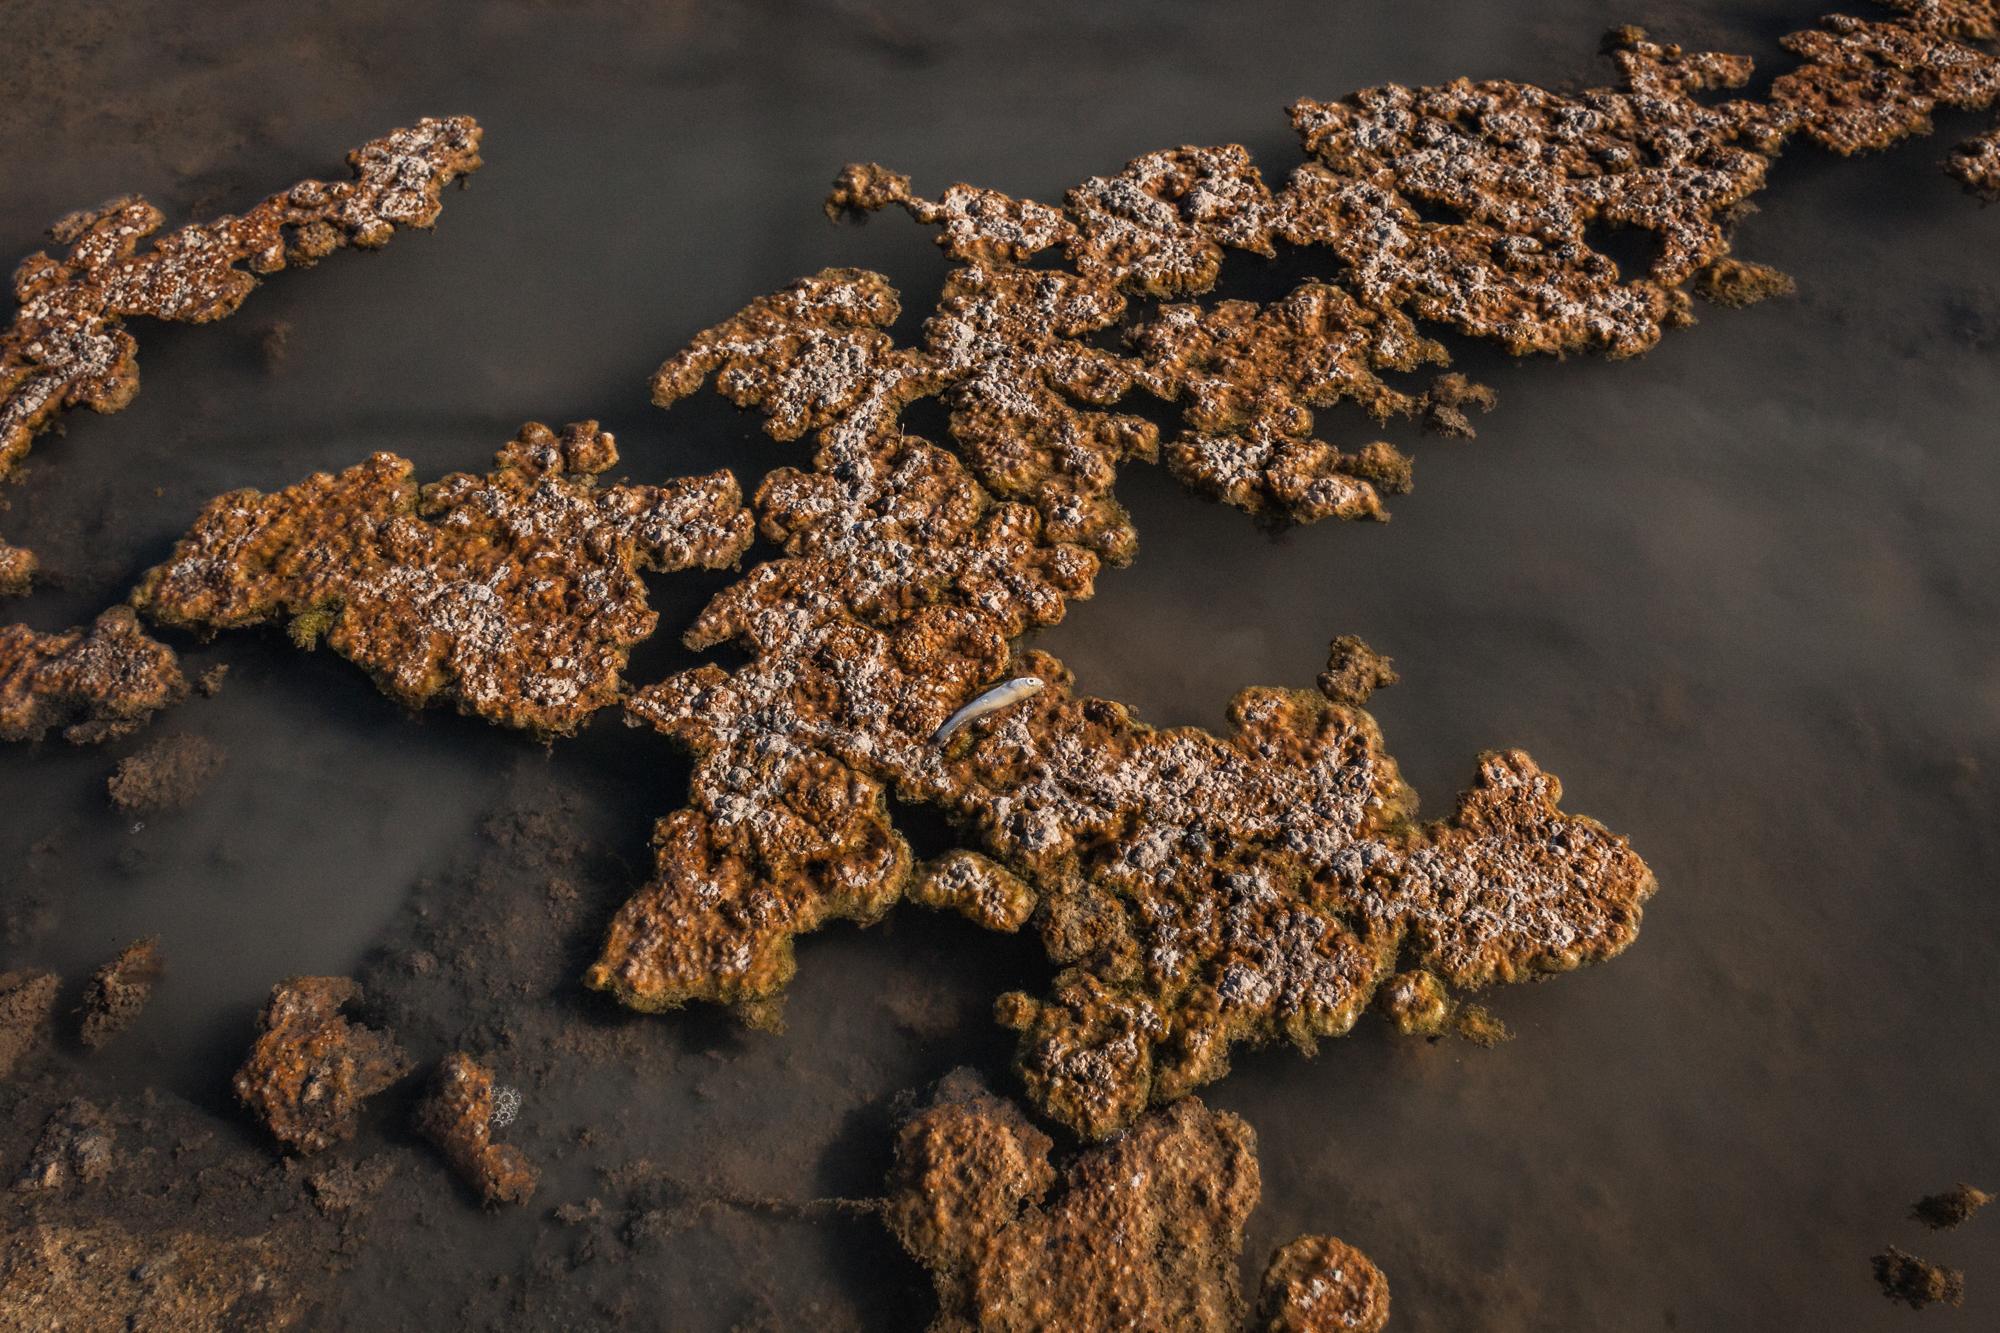 Fiume Basento in zona Ferrandina (MT), 2015. Nel 2013 indagini dell'ARPA Basilicata hanno evidenziato lo stato critico del fiume Basento: sono presenti sostanze nocive e cancerogene tanto nelle acque superficiali quanto in quelle profonde. Il suo inquinamento è causa di morte di varie specie ittiche.